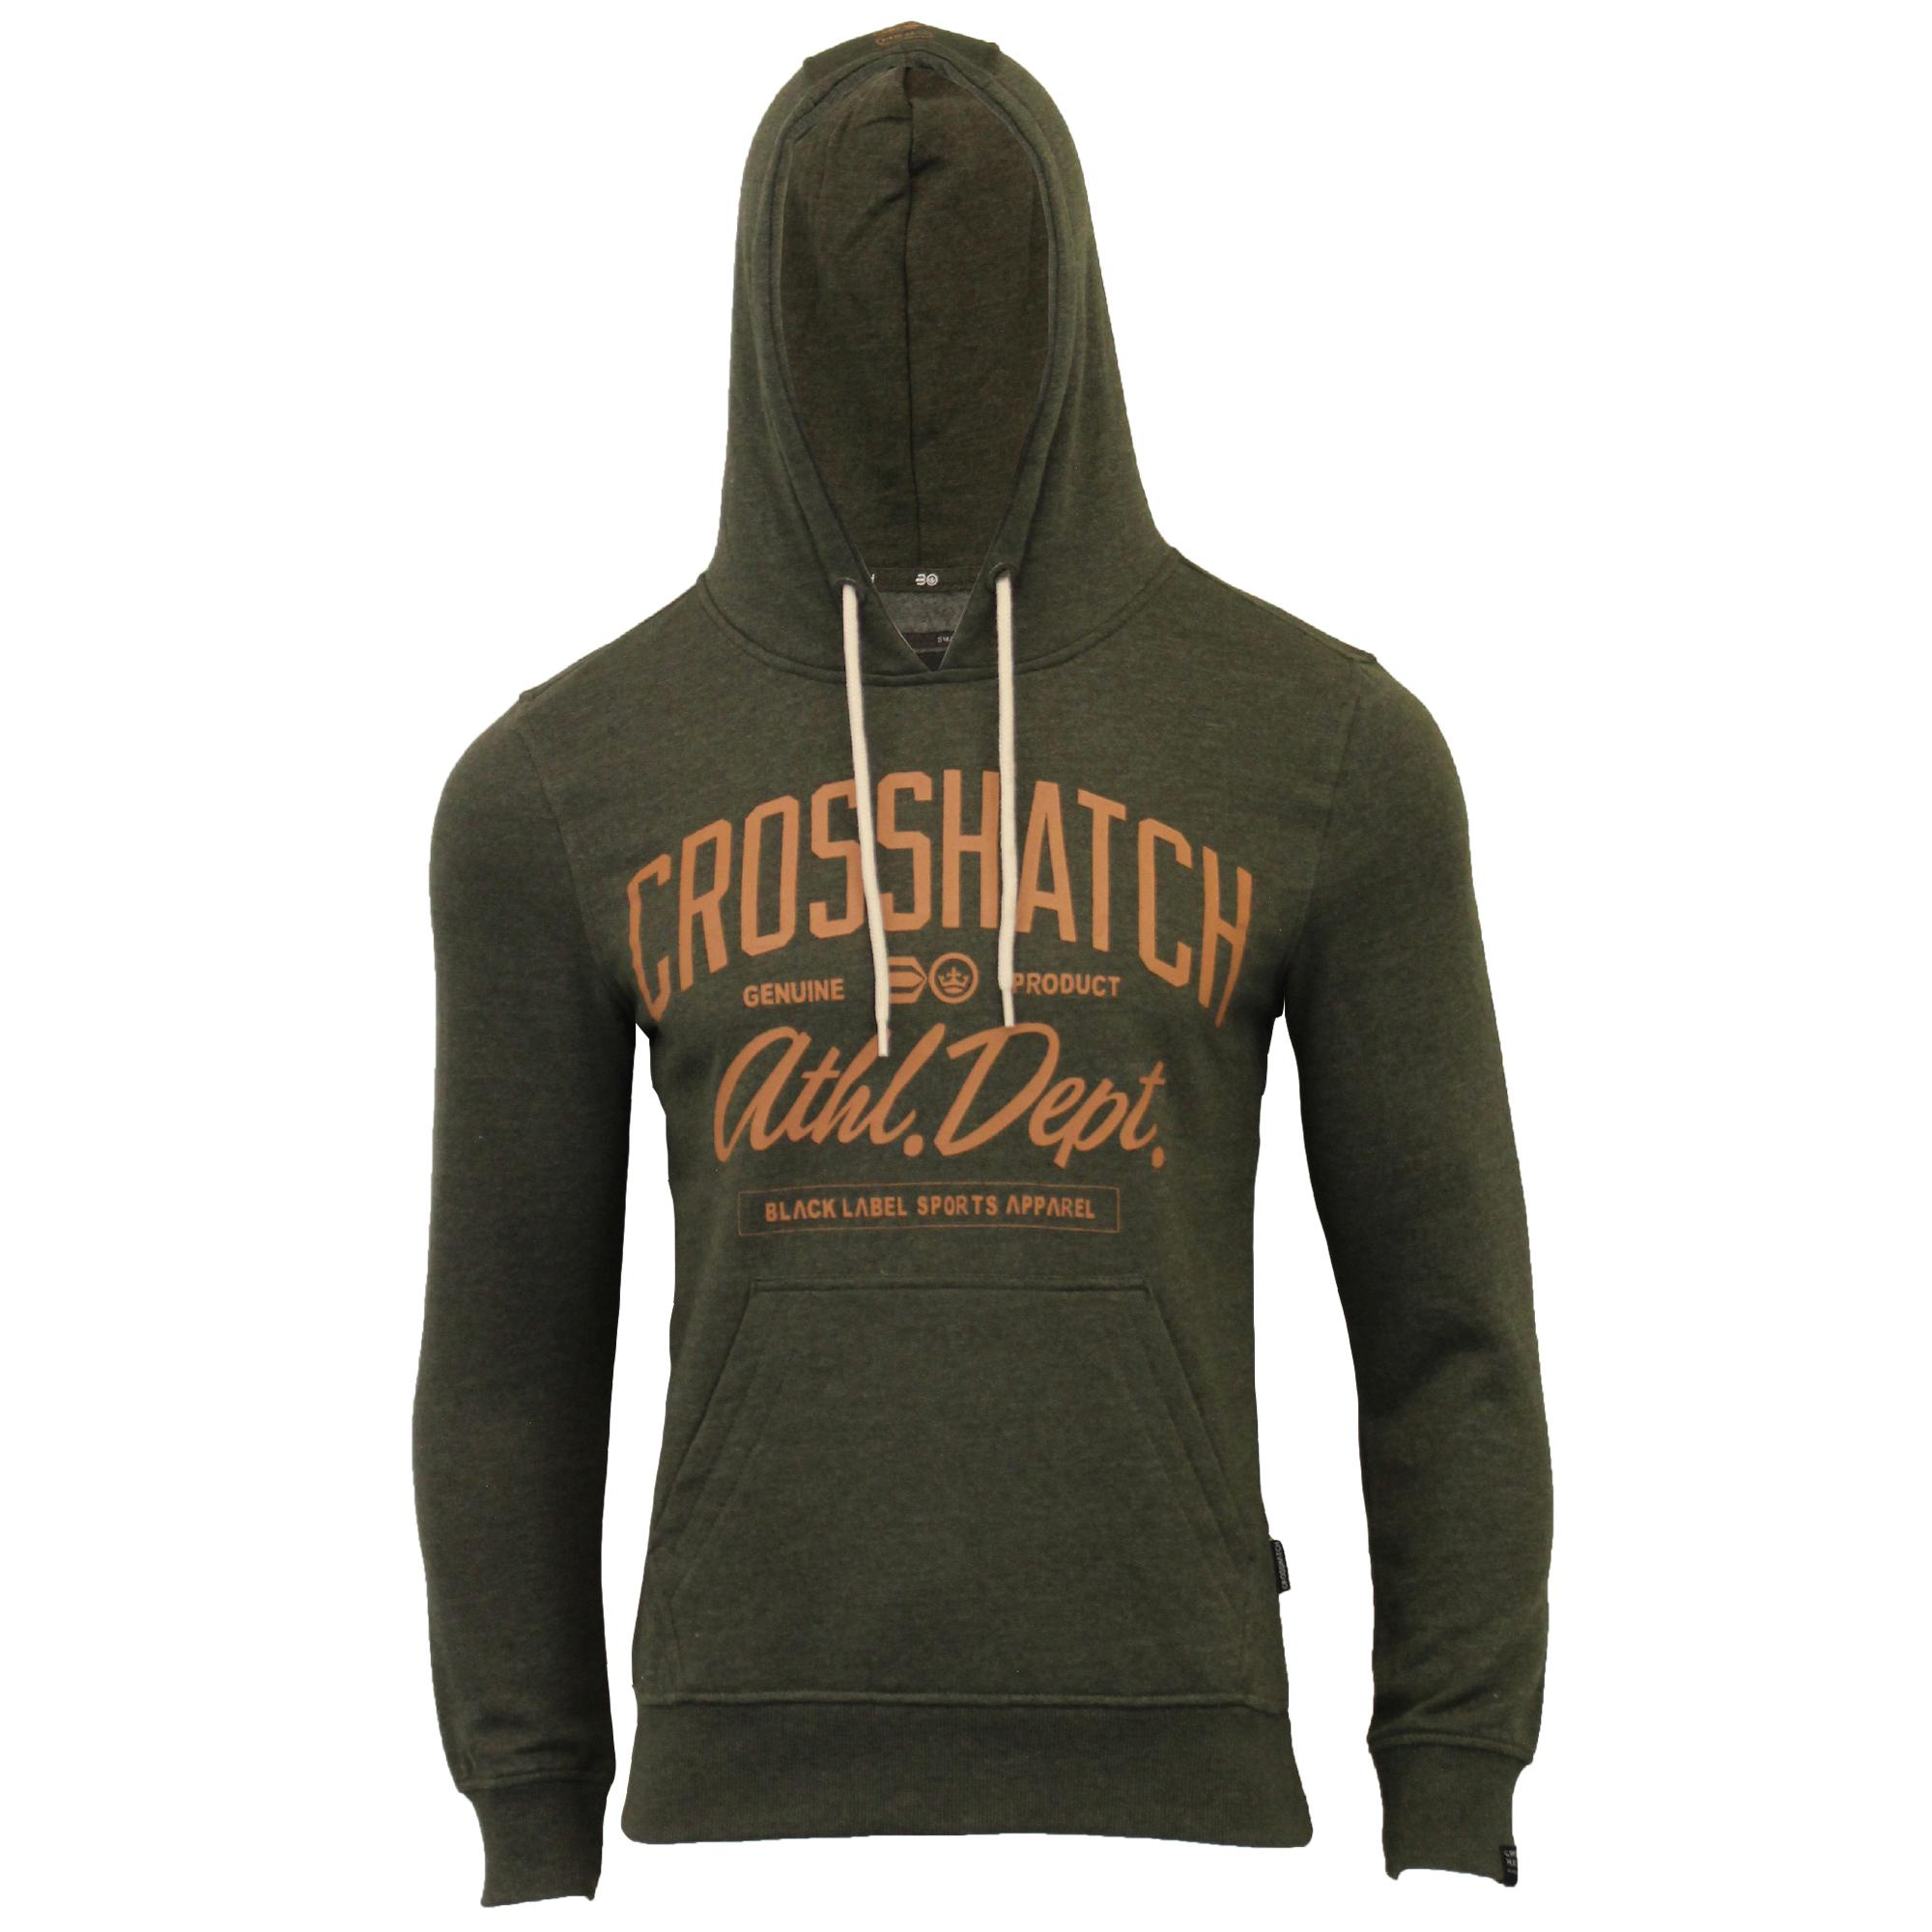 Mens-Sweatshirt-Crosshatch-Over-The-Head-Hoodie-Printed-Zip-Pullover-Top-Fleece thumbnail 7